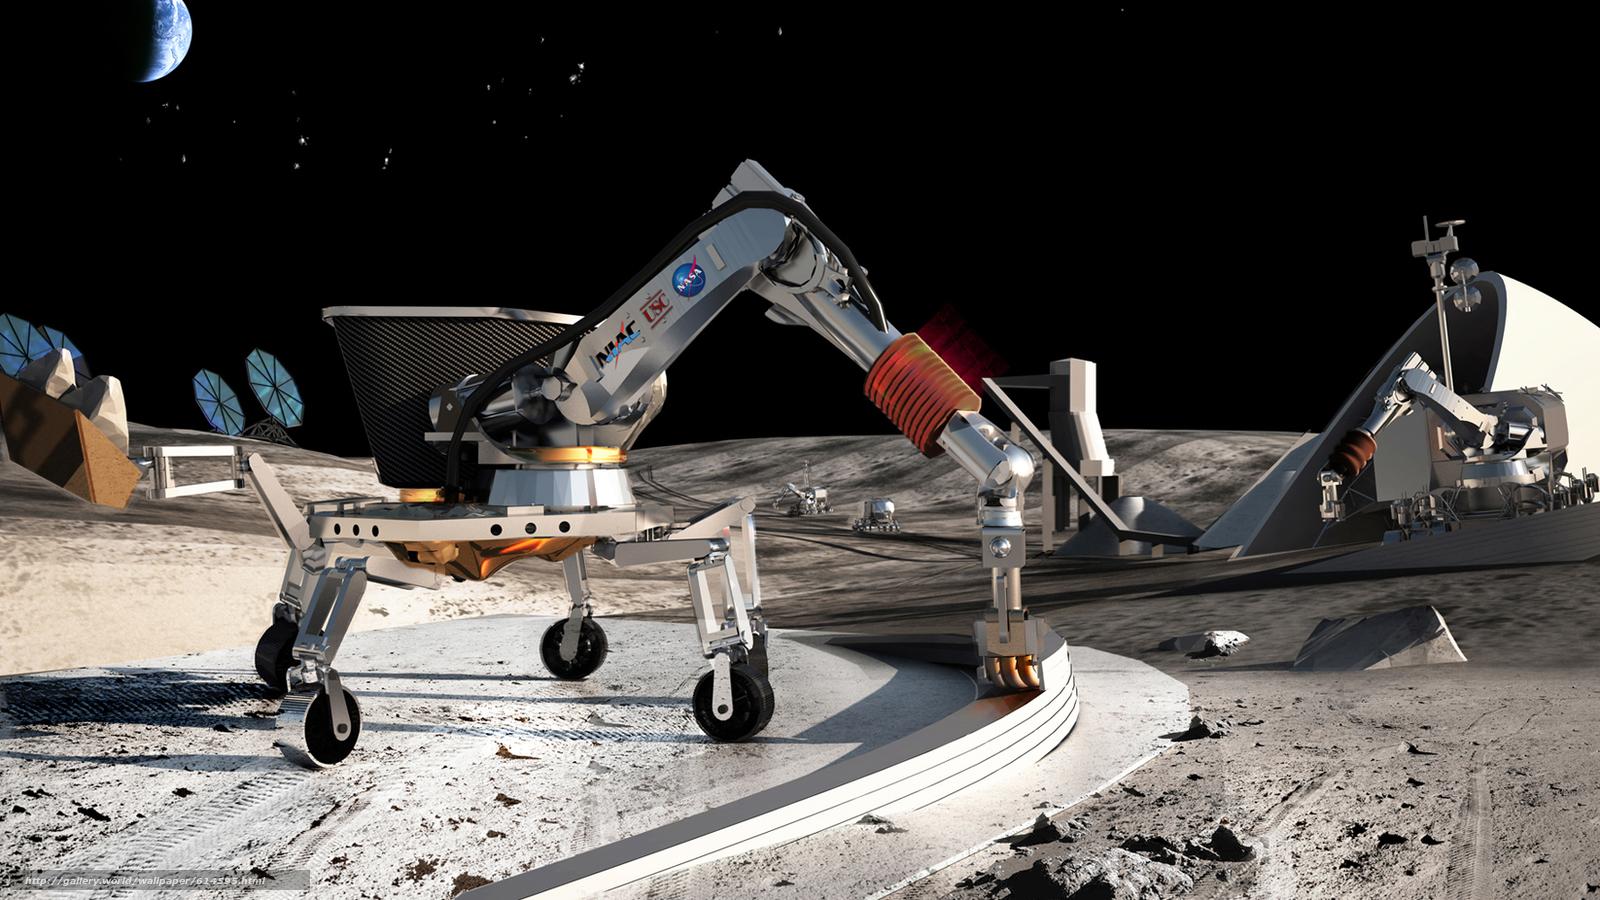 Скачать на телефон обои фото картинку на тему Луна, космос, проект, НАСА, робот, Земля, стройка, база, станция, камни, грунт, разширение 1646x926